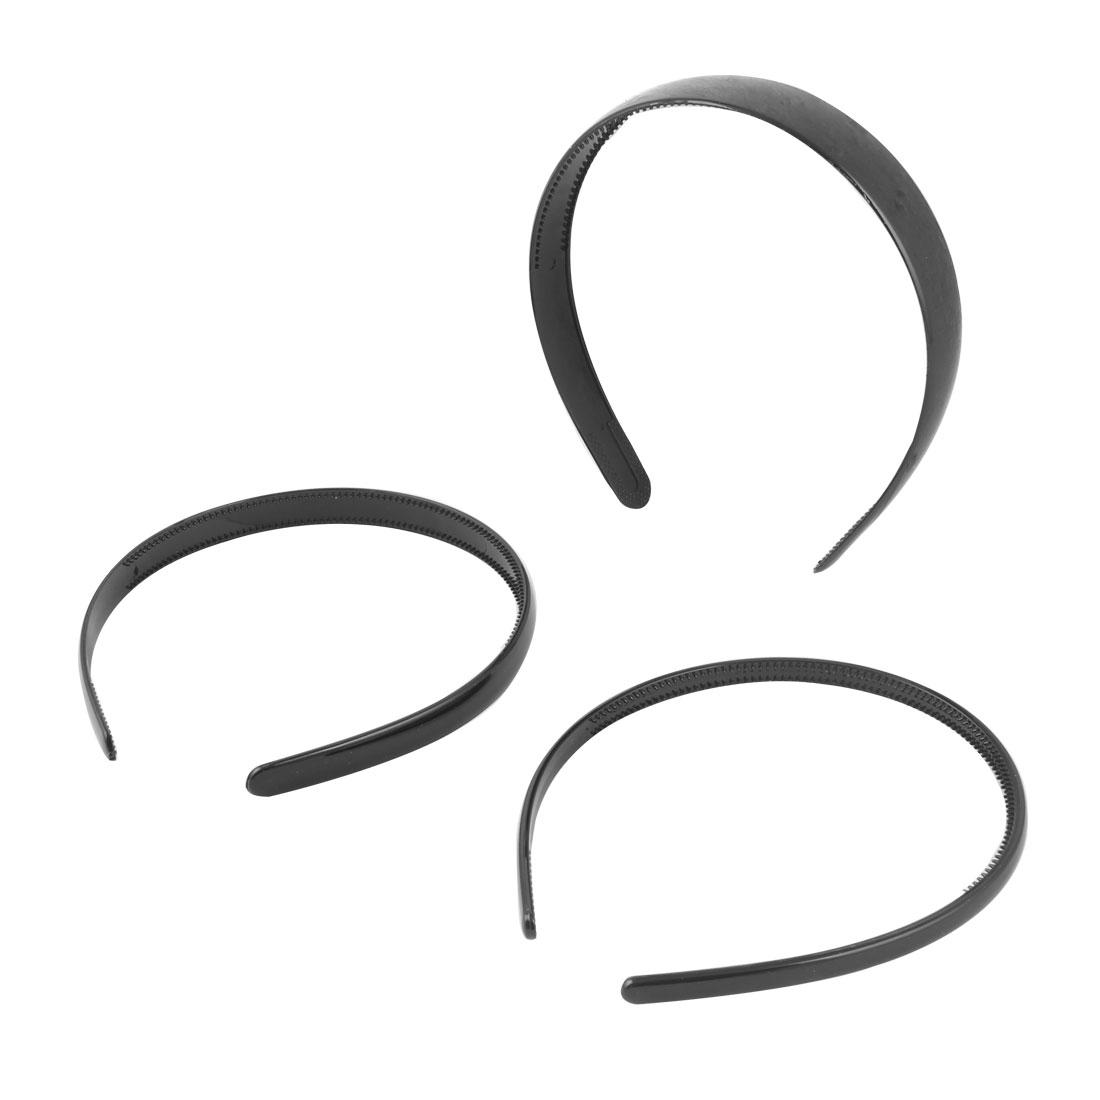 Girls Plastic Makeup Tool 2 Teeth Hair Band Hair Hoop Black 3 in 1